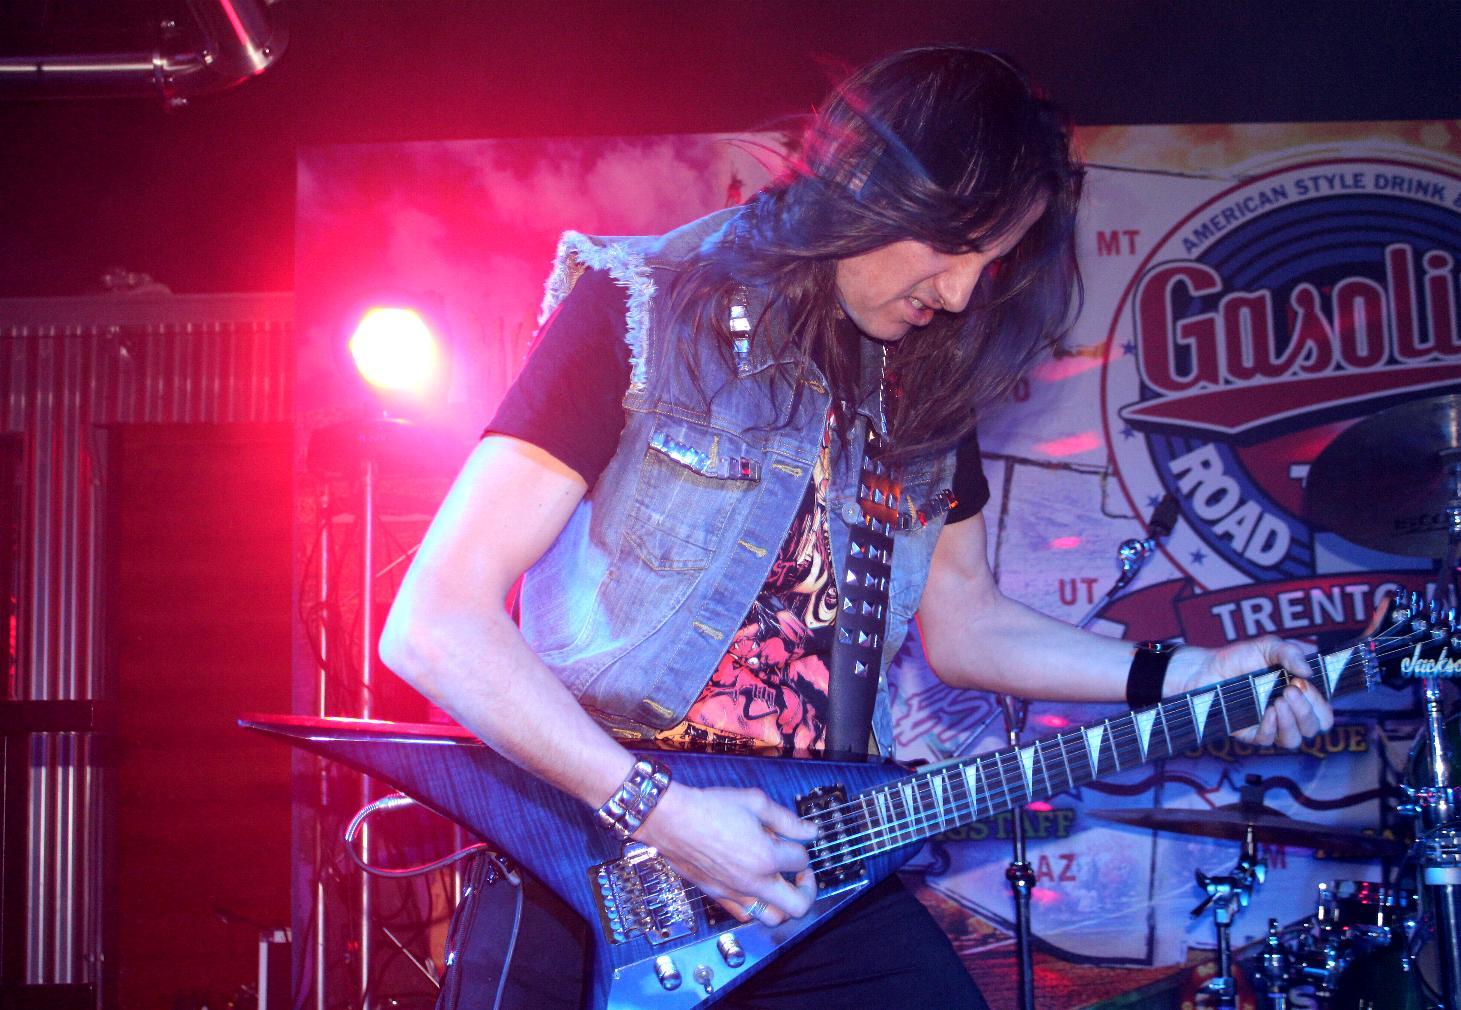 Luck Az Anguish Force 2018 gasoline01 - LUCKAZ - guitar - -